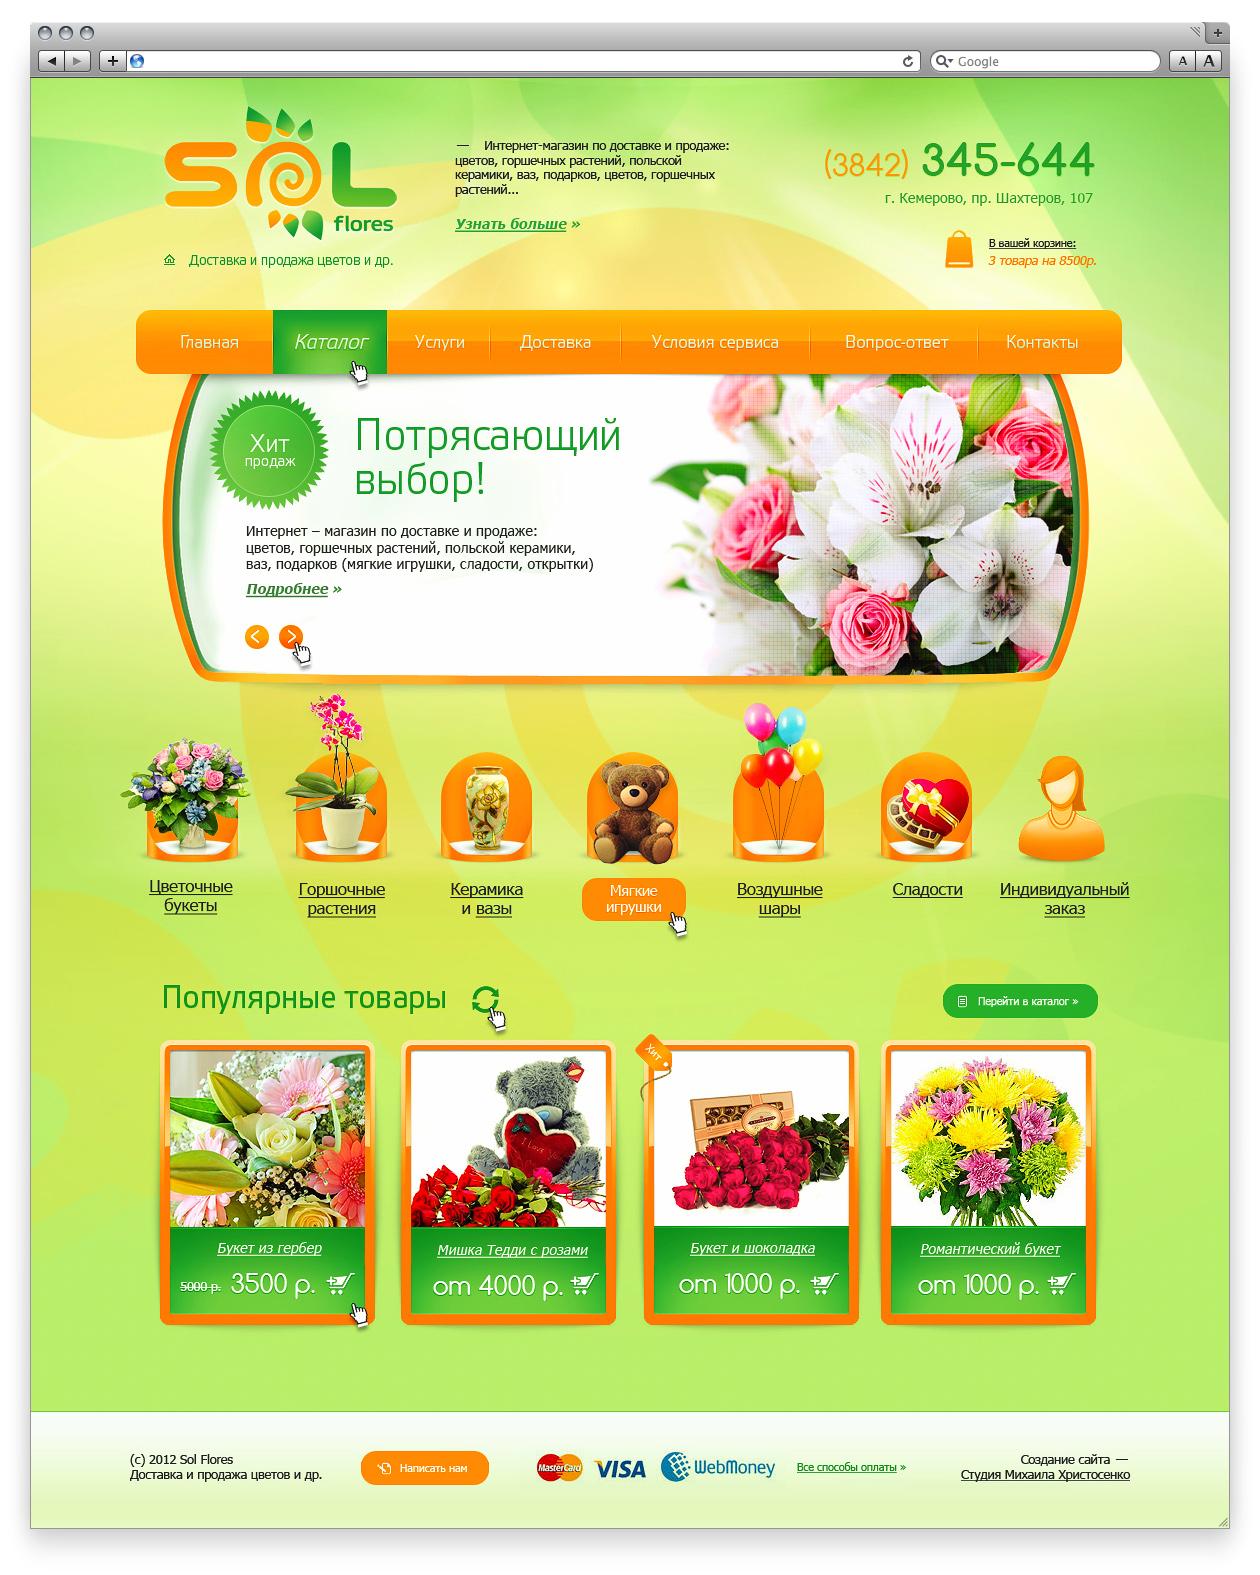 """Сайт доставки и продажи цветов (""""Sol Flores"""")"""